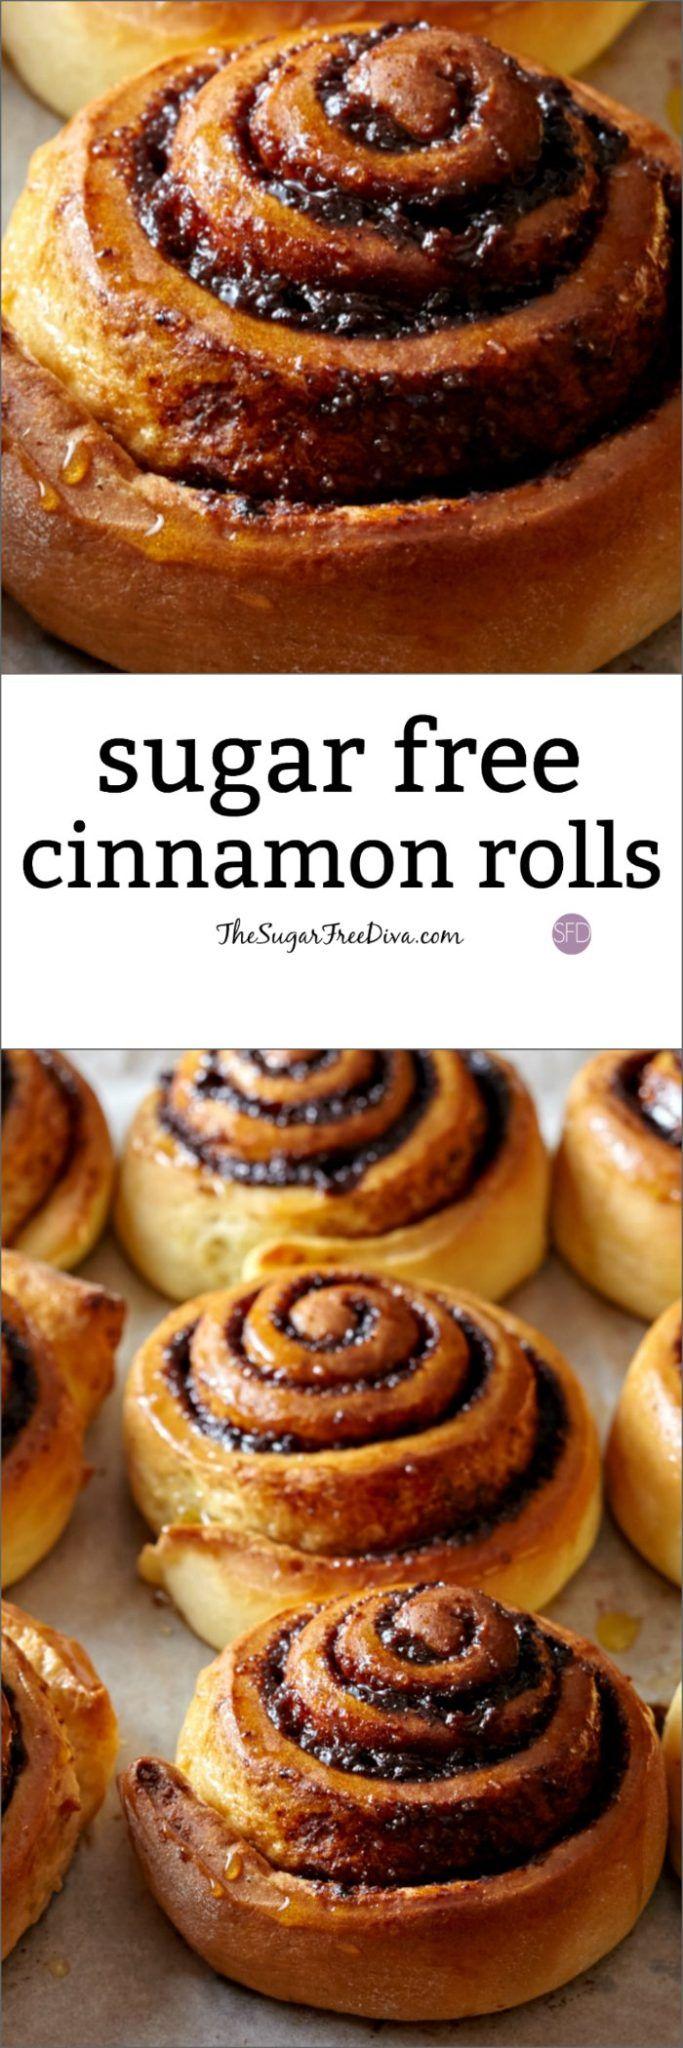 Sugar Free Cinnamon Rolls- #yummy #recipe for #sugarfree #cinnamon #rolls